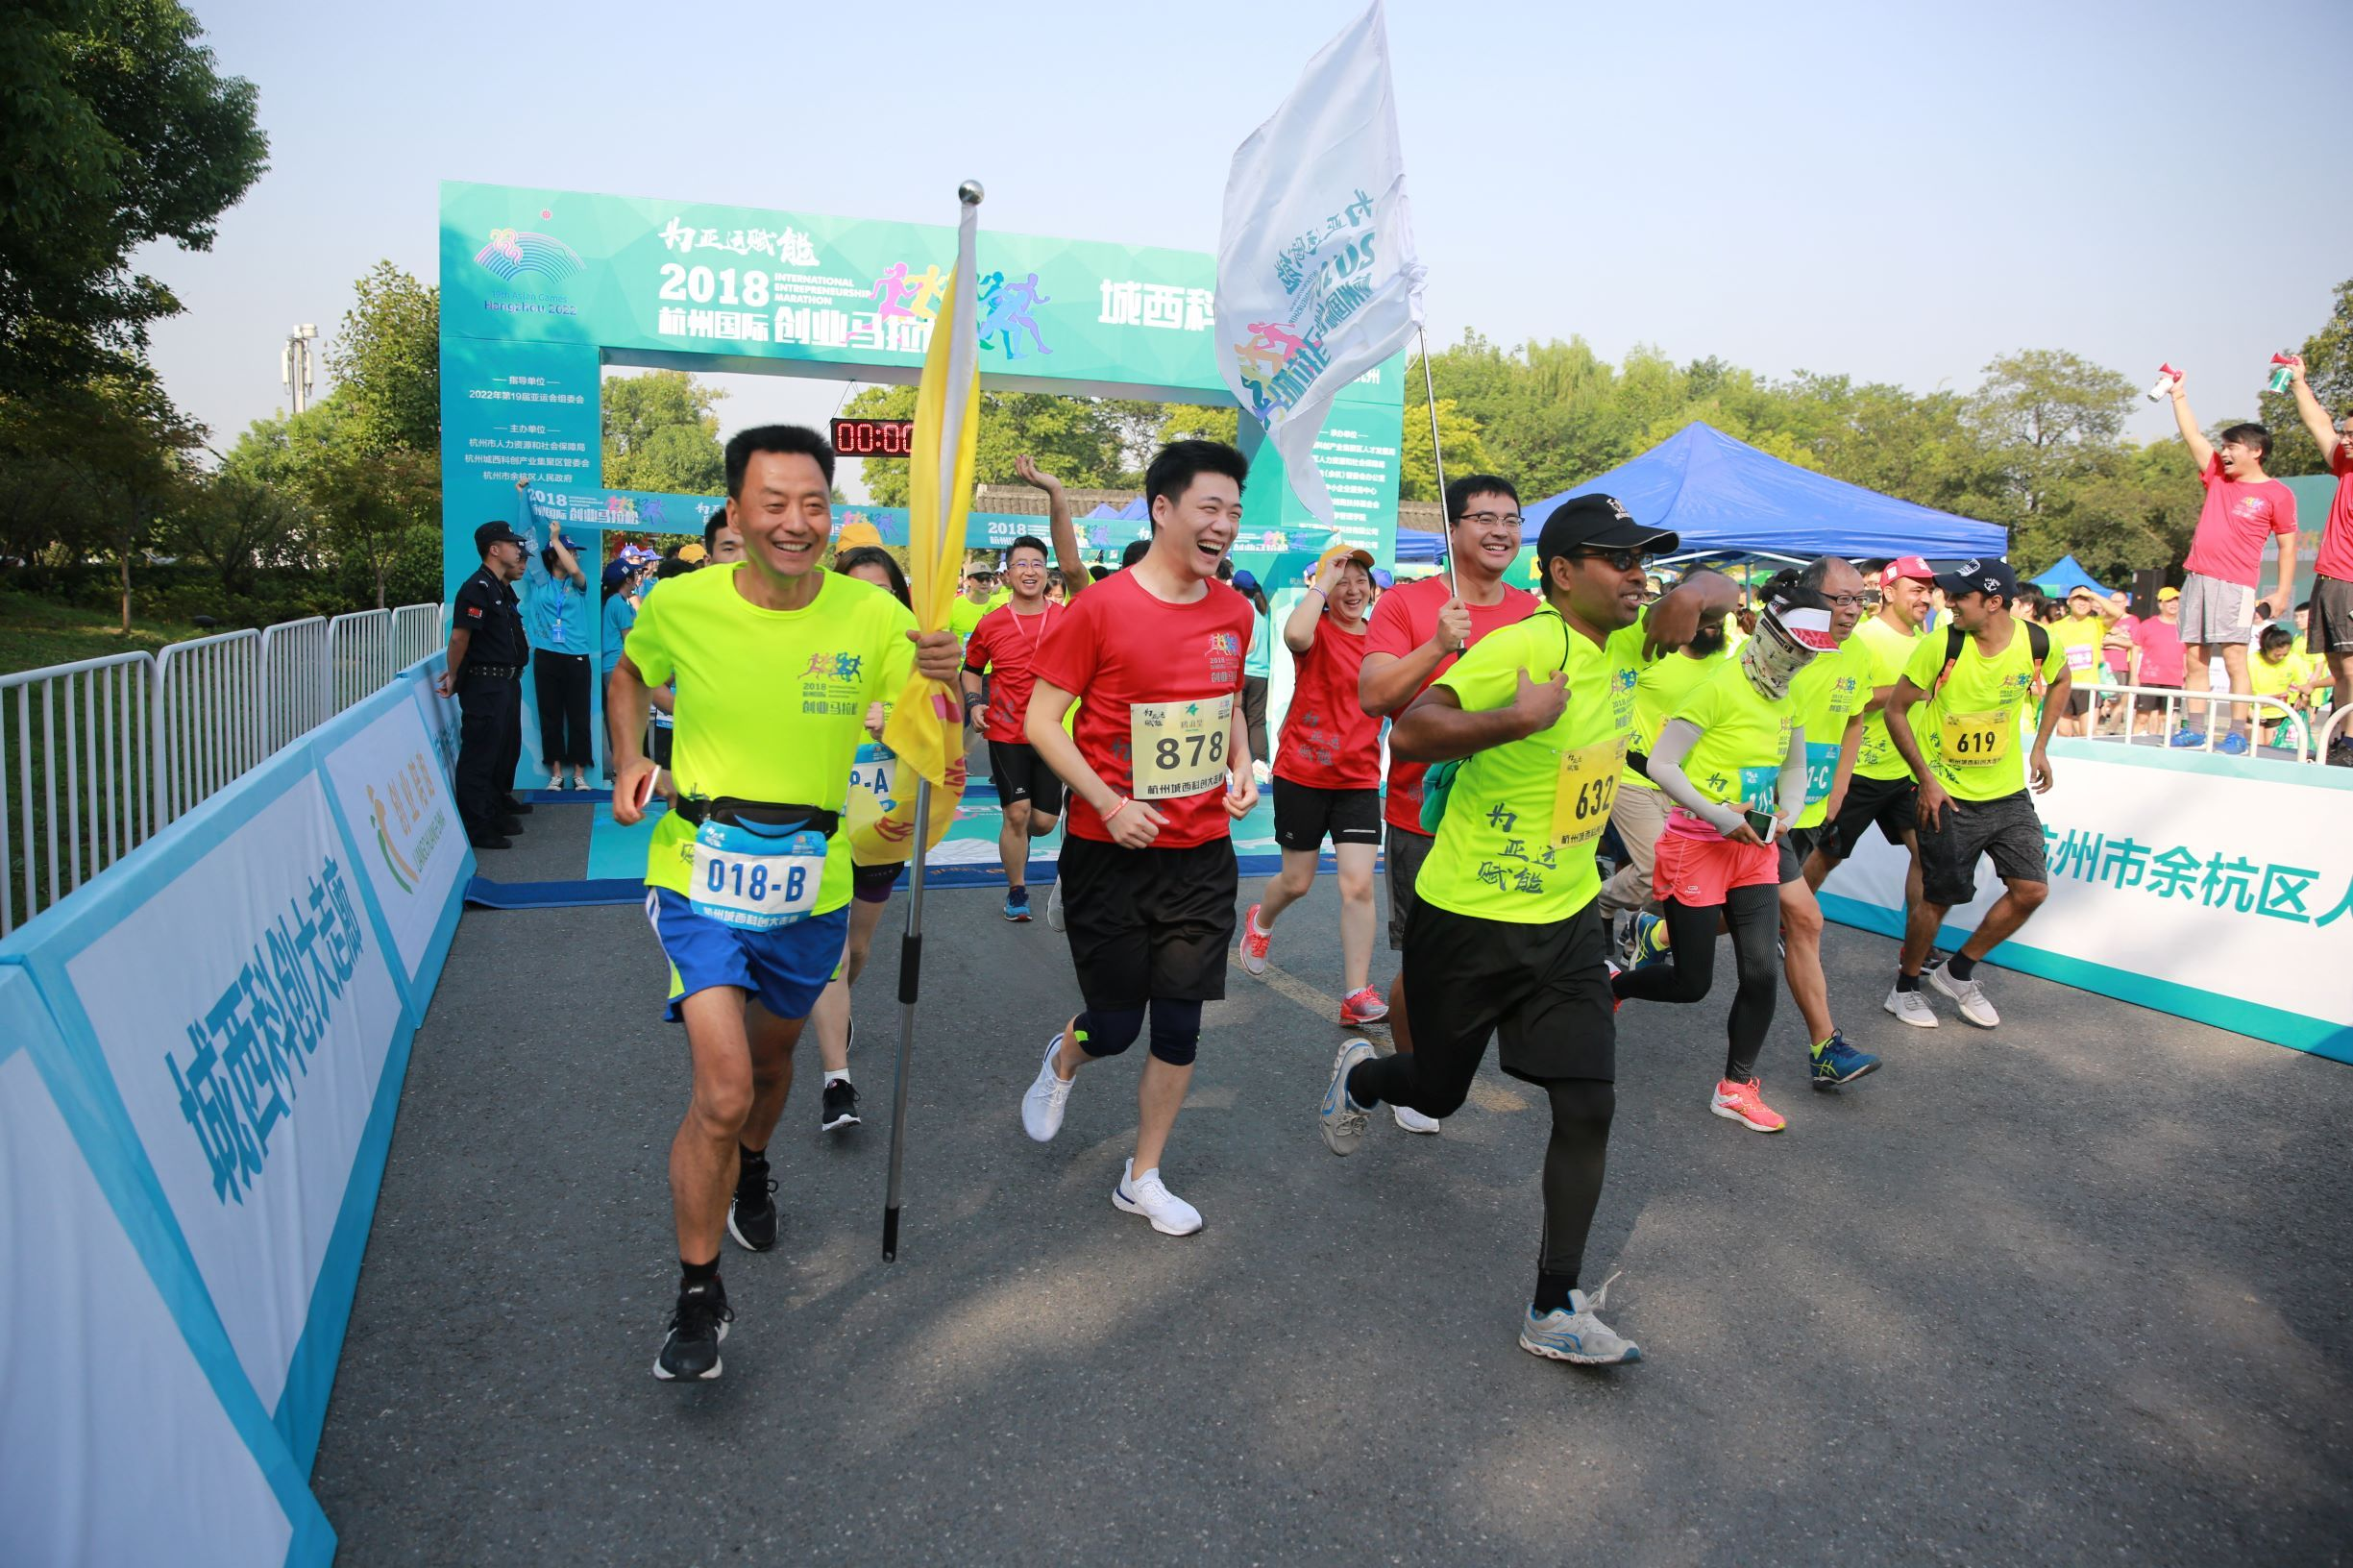 """""""我为亚运赋能""""—2018杭州国际创业马拉松在城西科创大走廊热力开跑"""